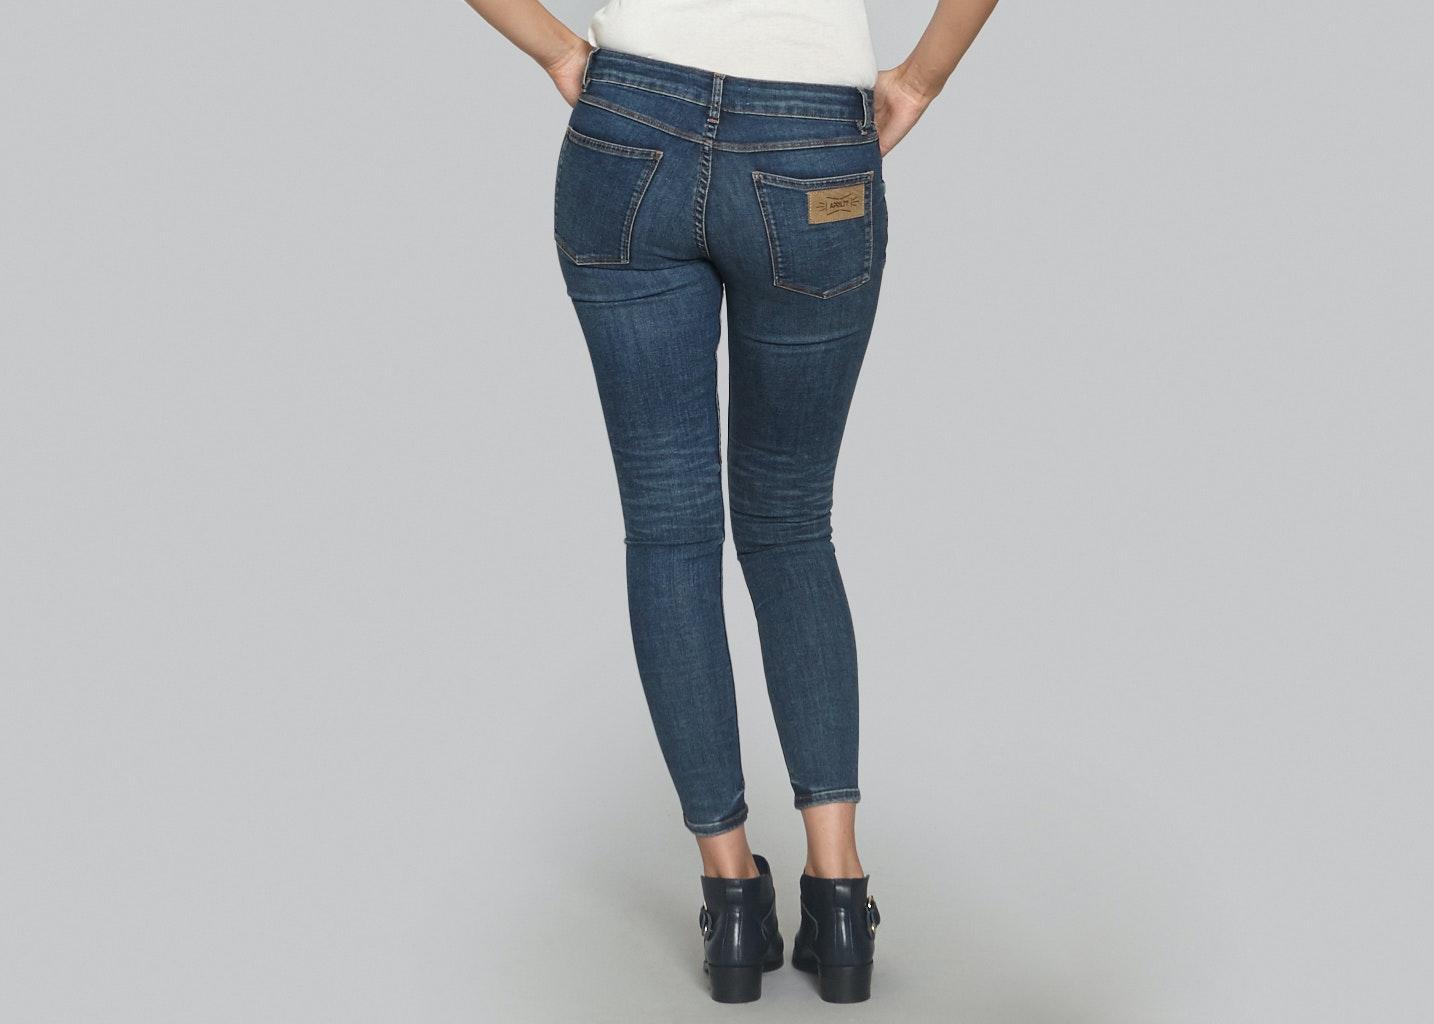 stramme bukser til kvinder